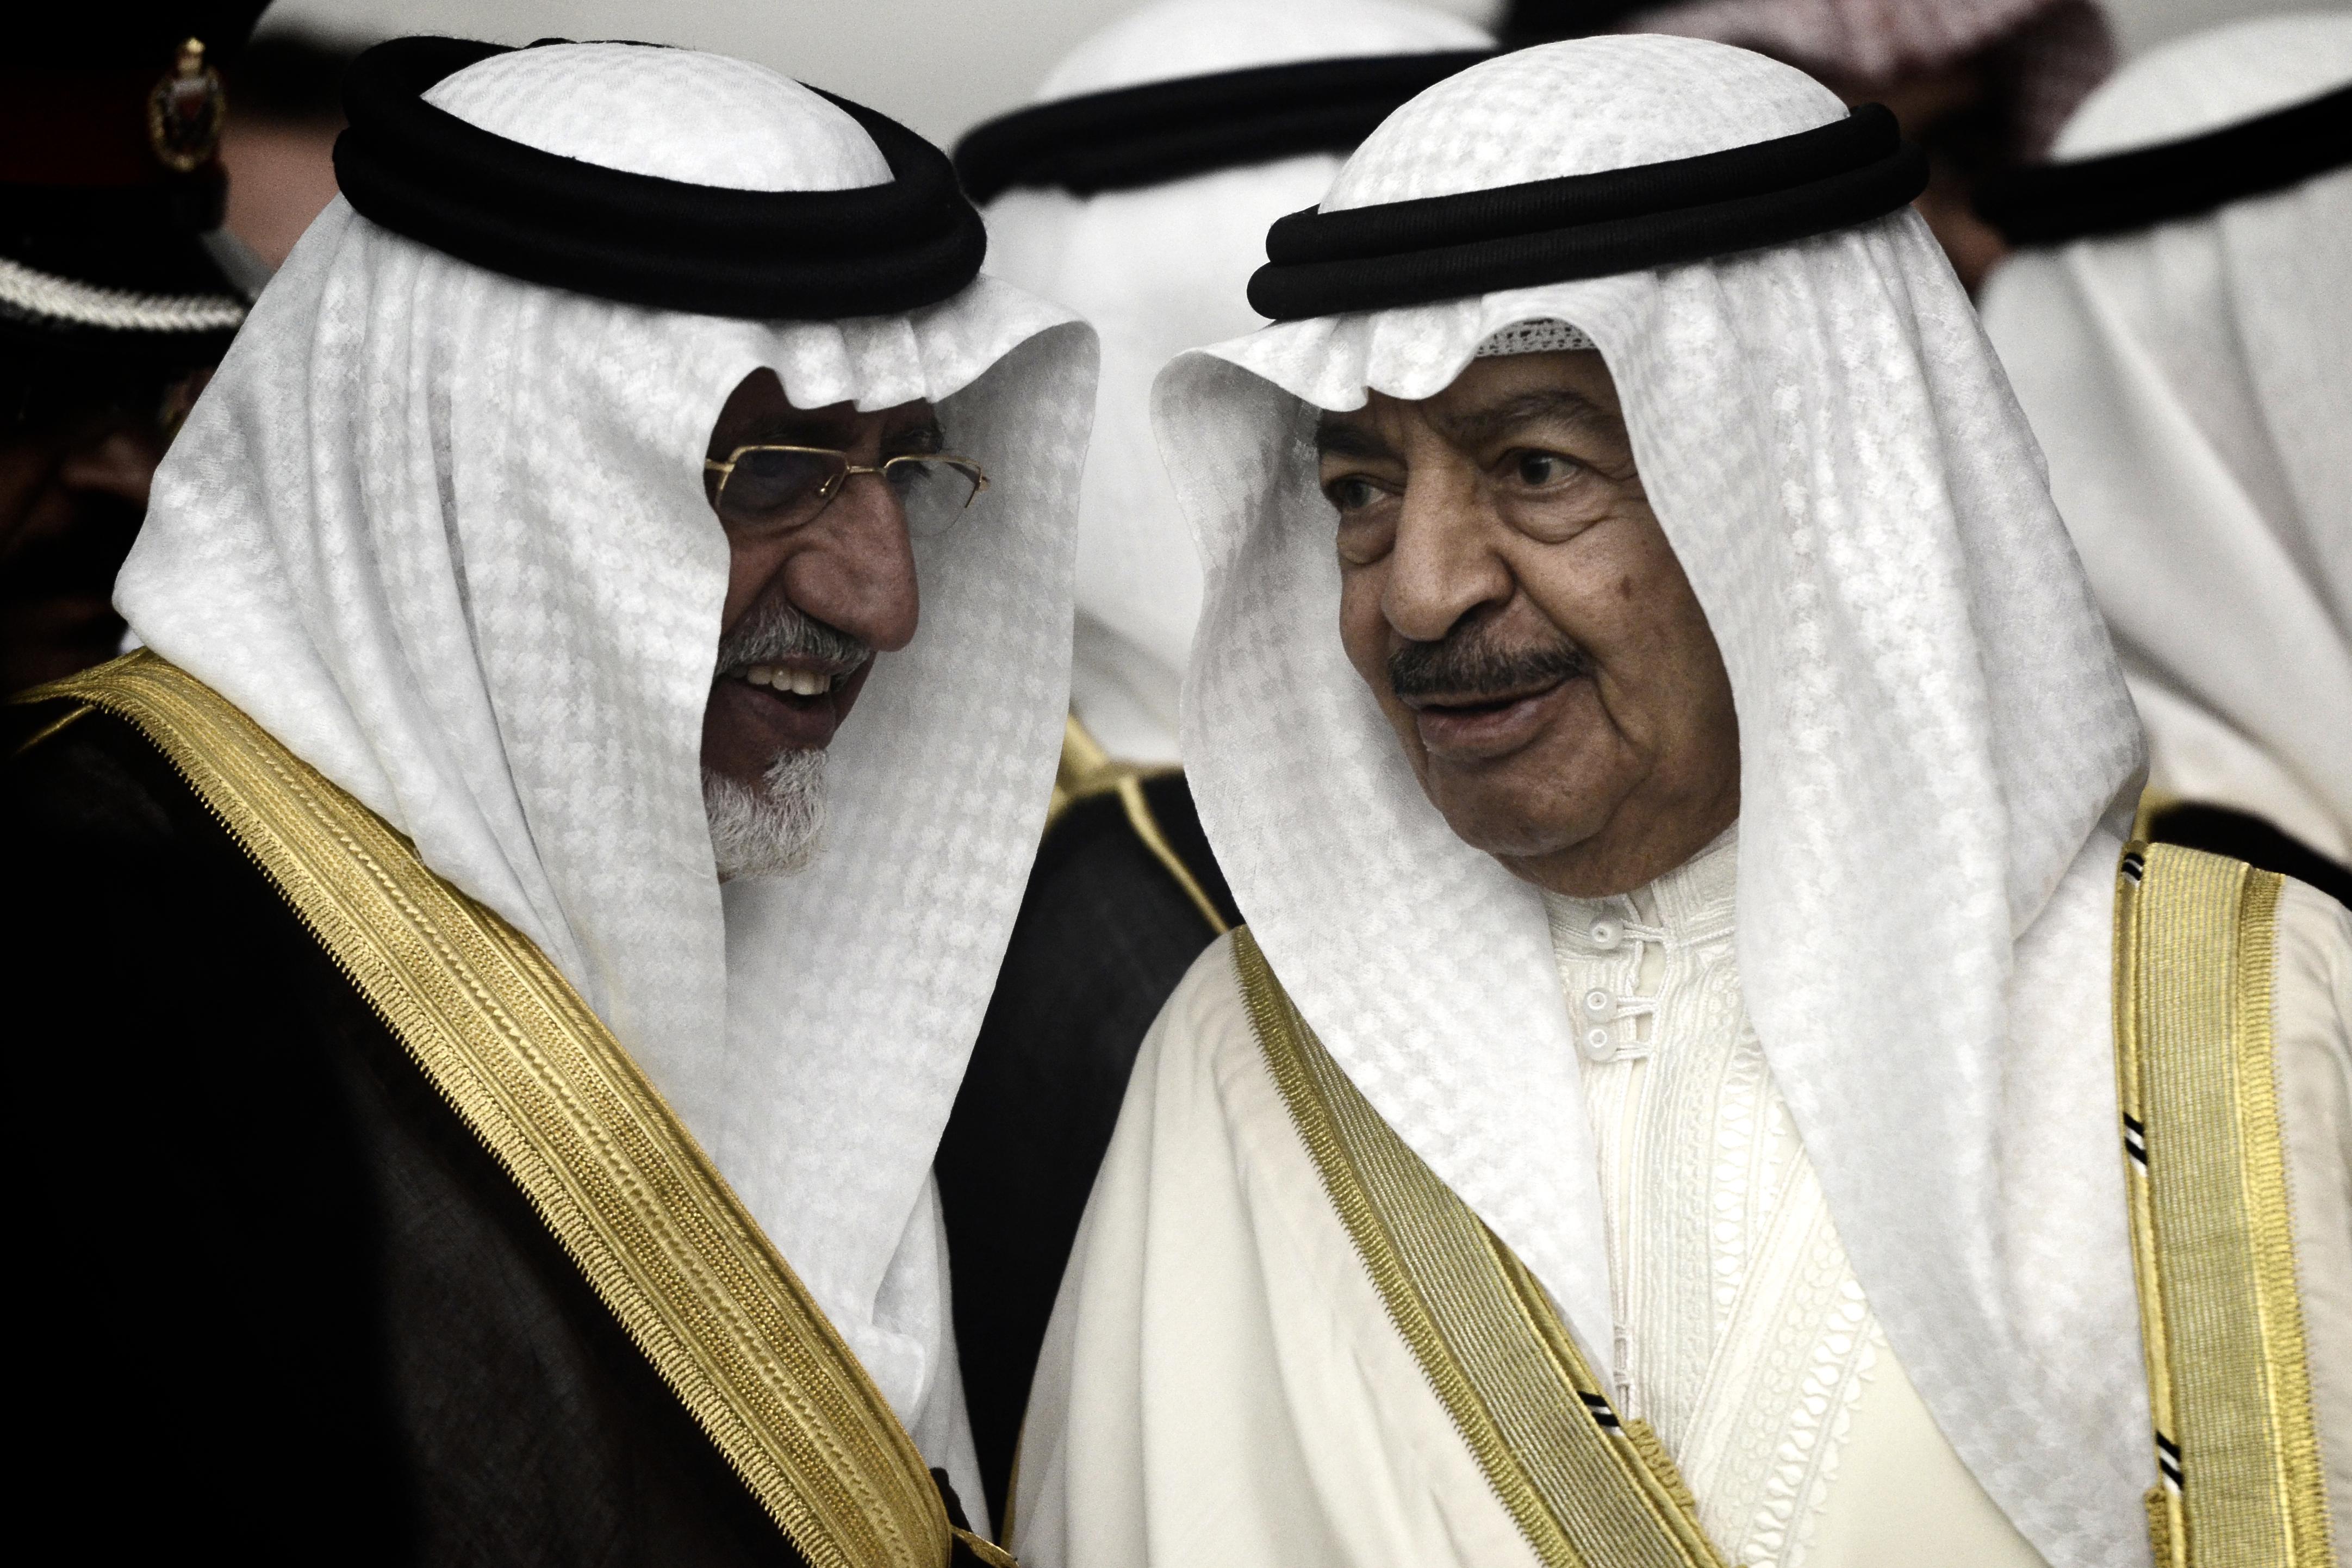 任職近50年 巴林首相阿勒哈利法在美逝世